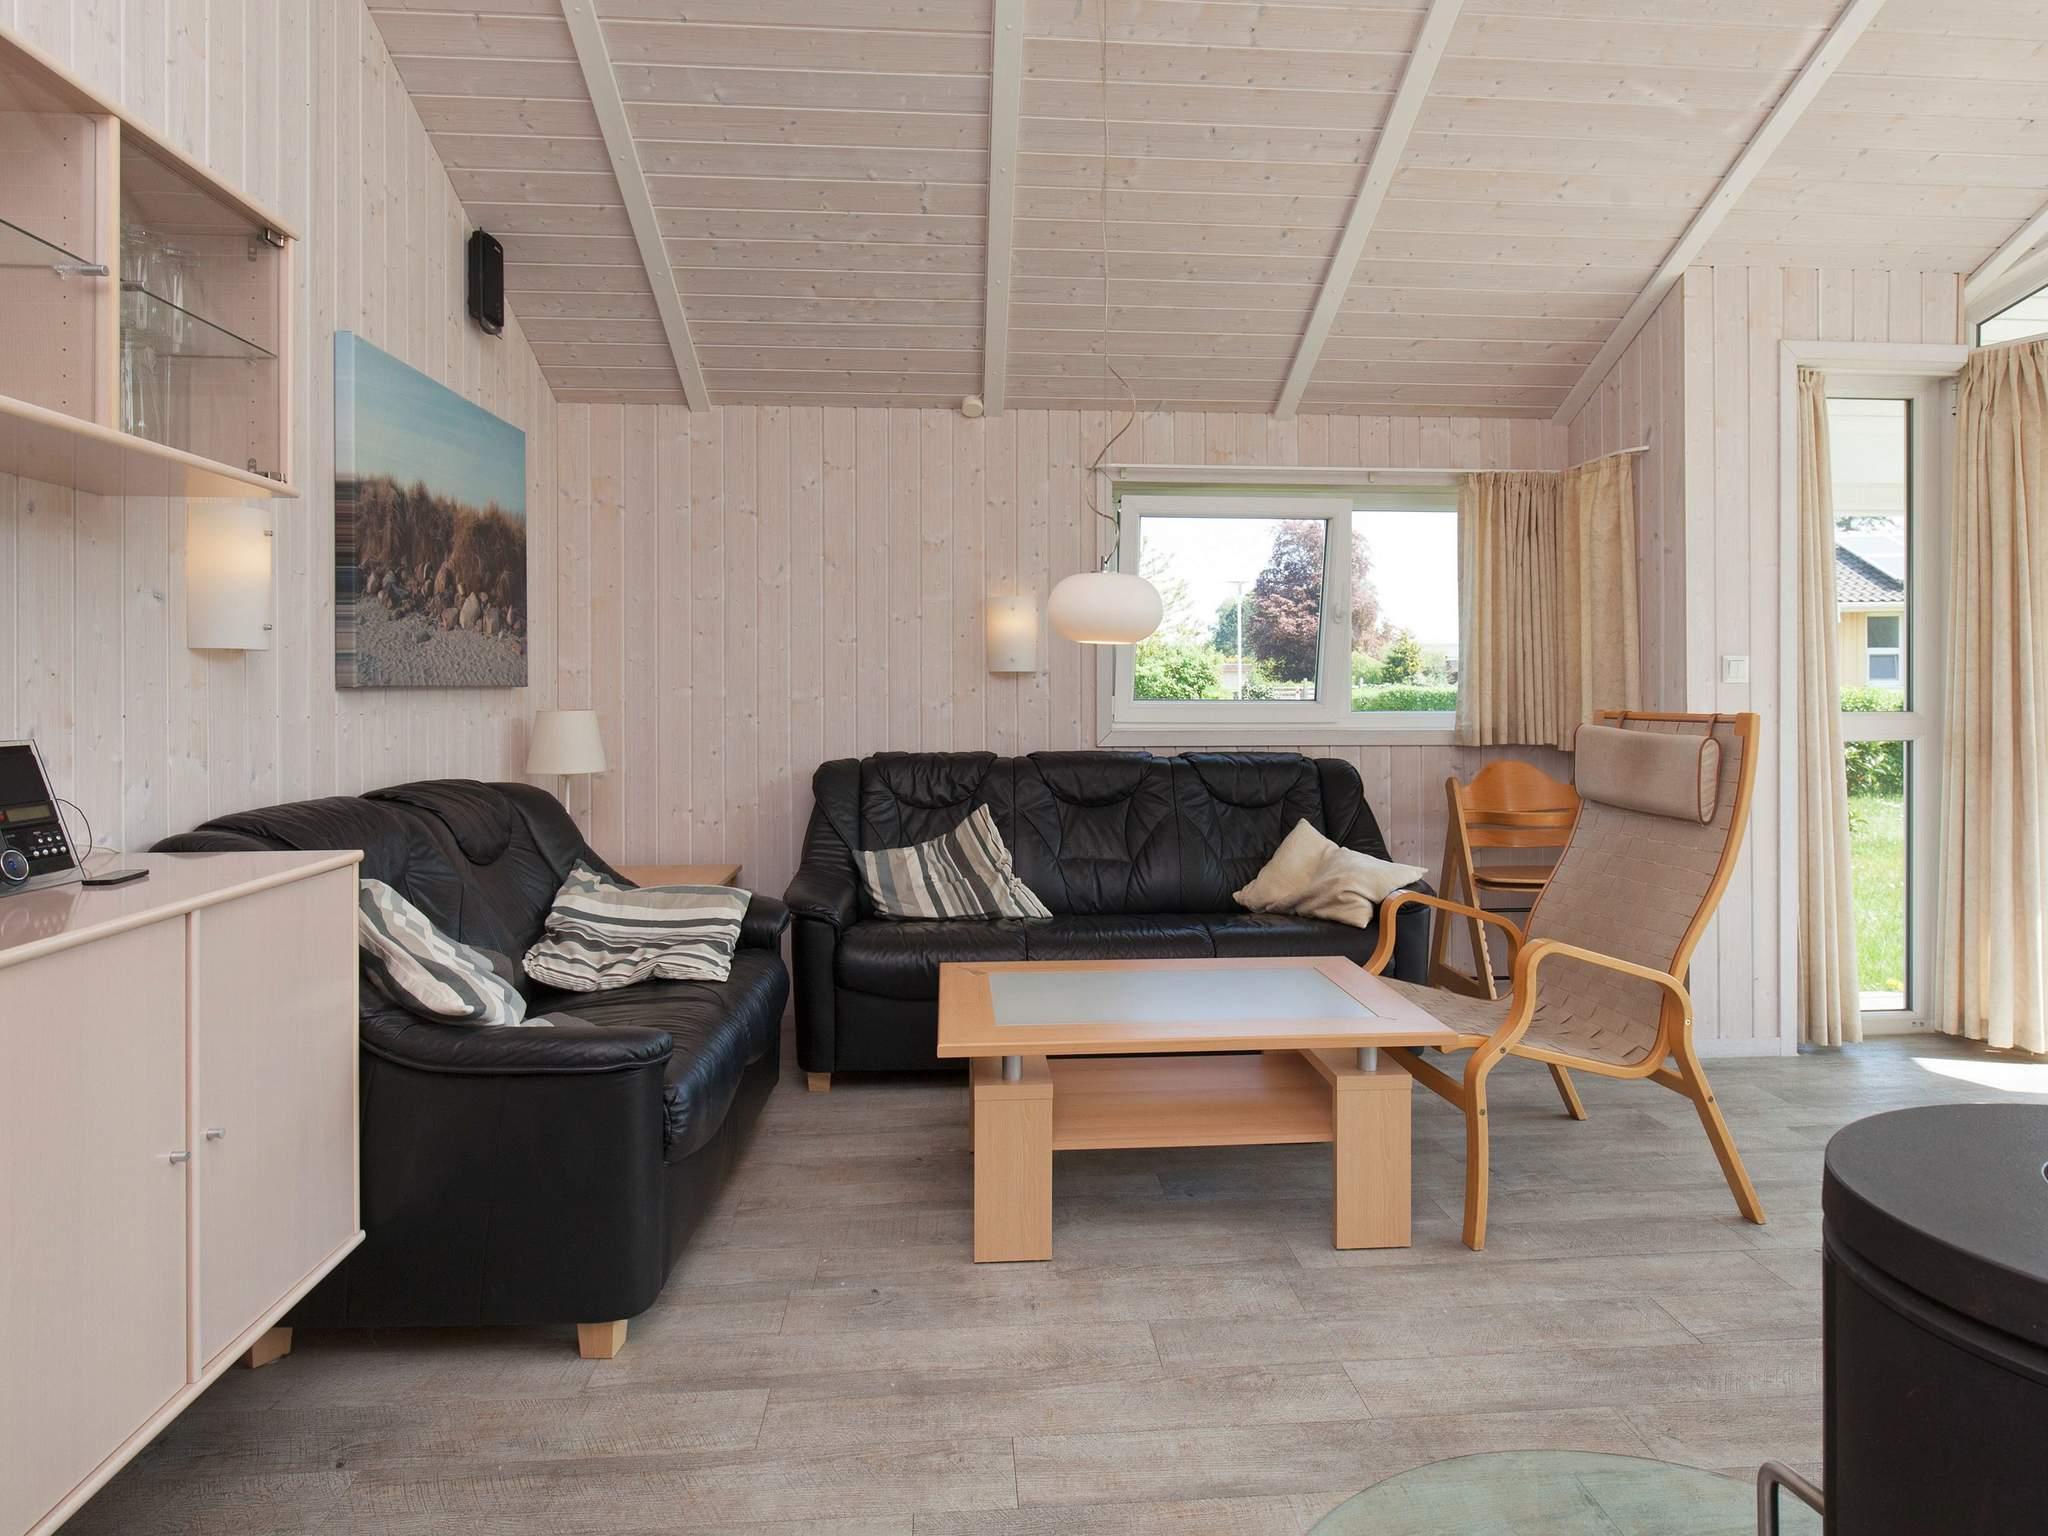 Maison de vacances Grömitz (316467), Grömitz, Baie de Lübeck, Schleswig-Holstein, Allemagne, image 4